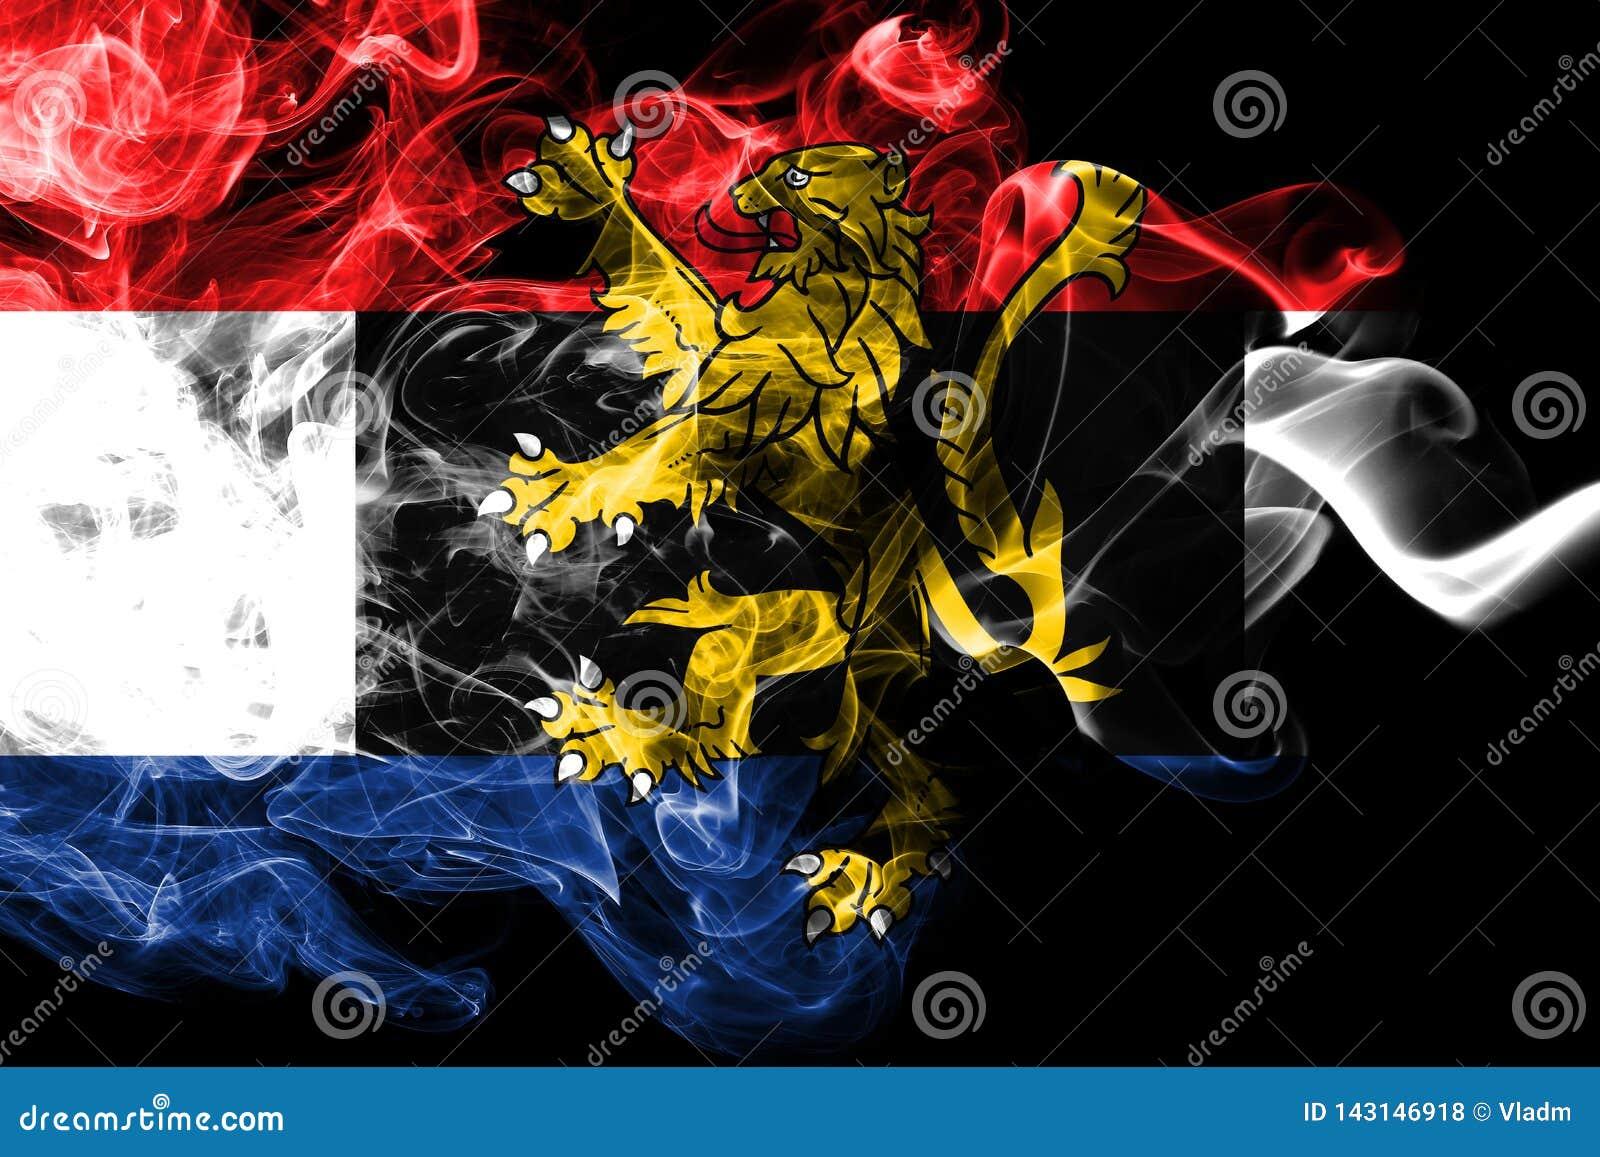 Bandera del humo de Benelux, unión politico-económica de Bélgica, Países Bajos, Luxemburgo